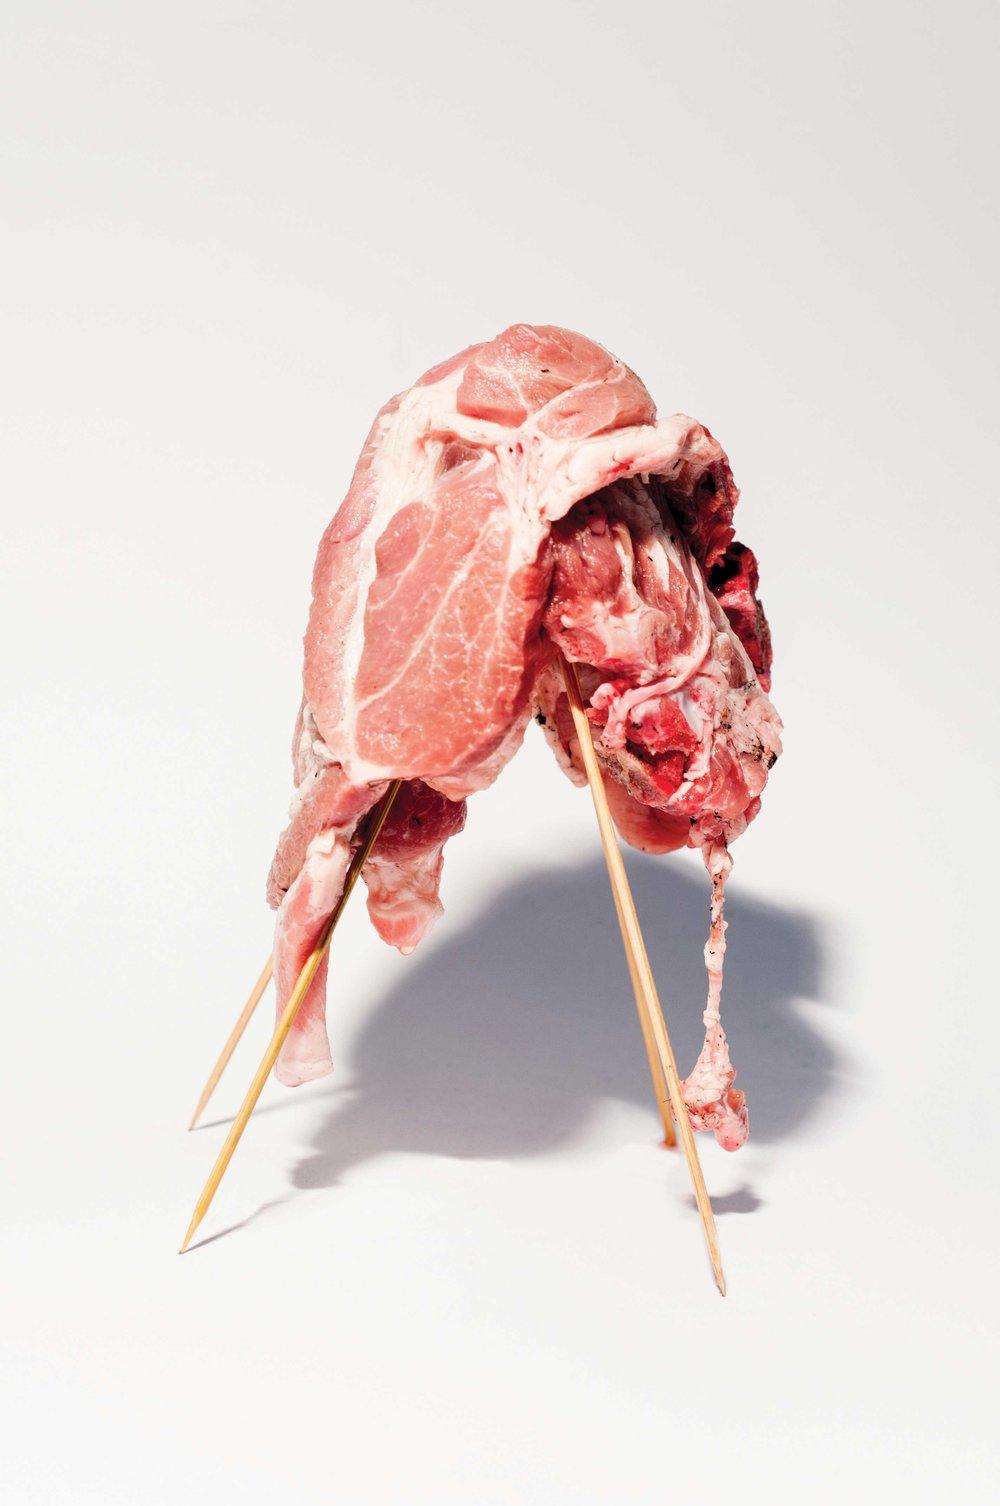 consumo-carne-impacto-contaminacion